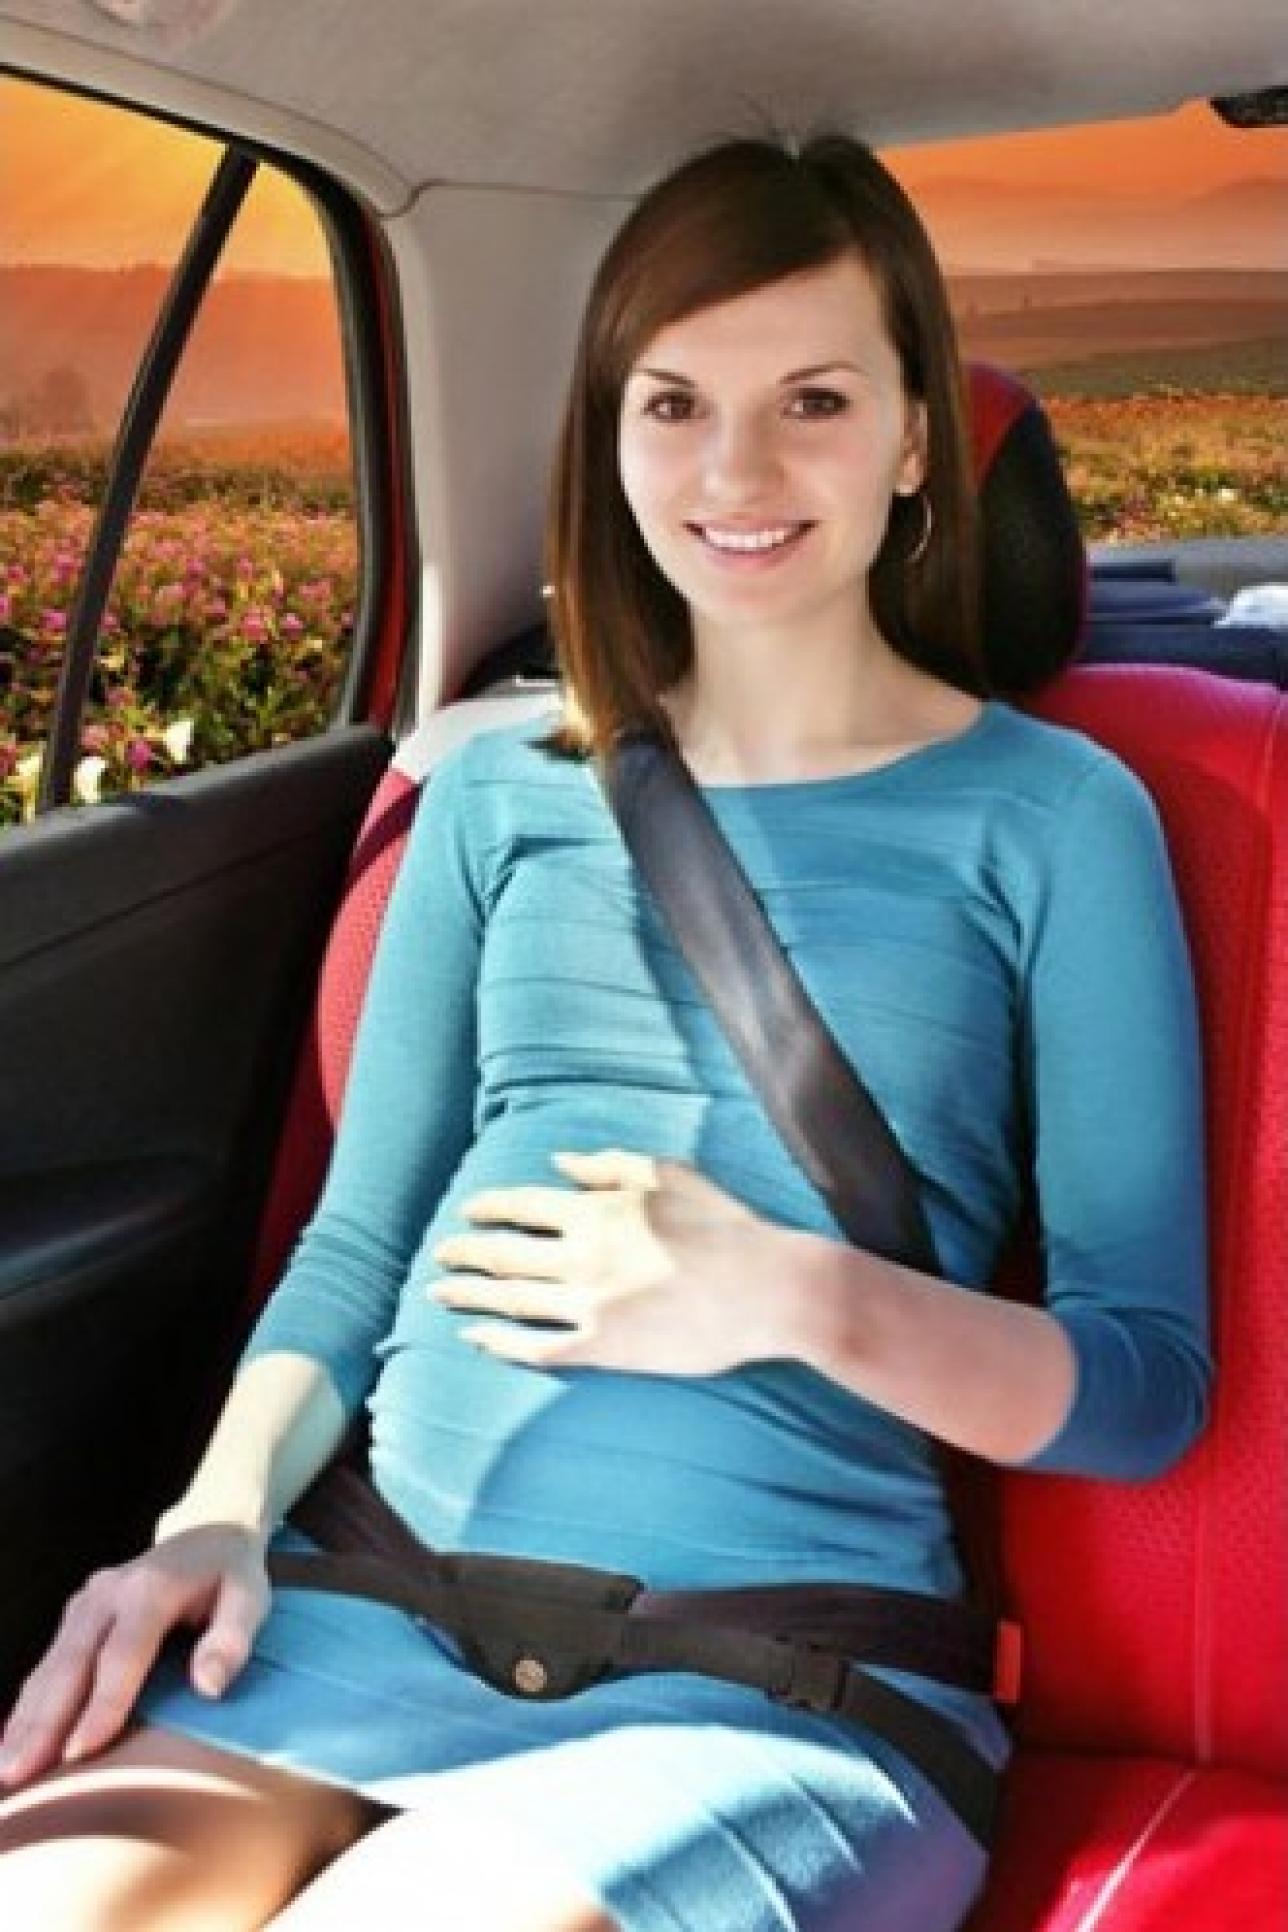 Нужно ли беременным пристегиваться рб 1006